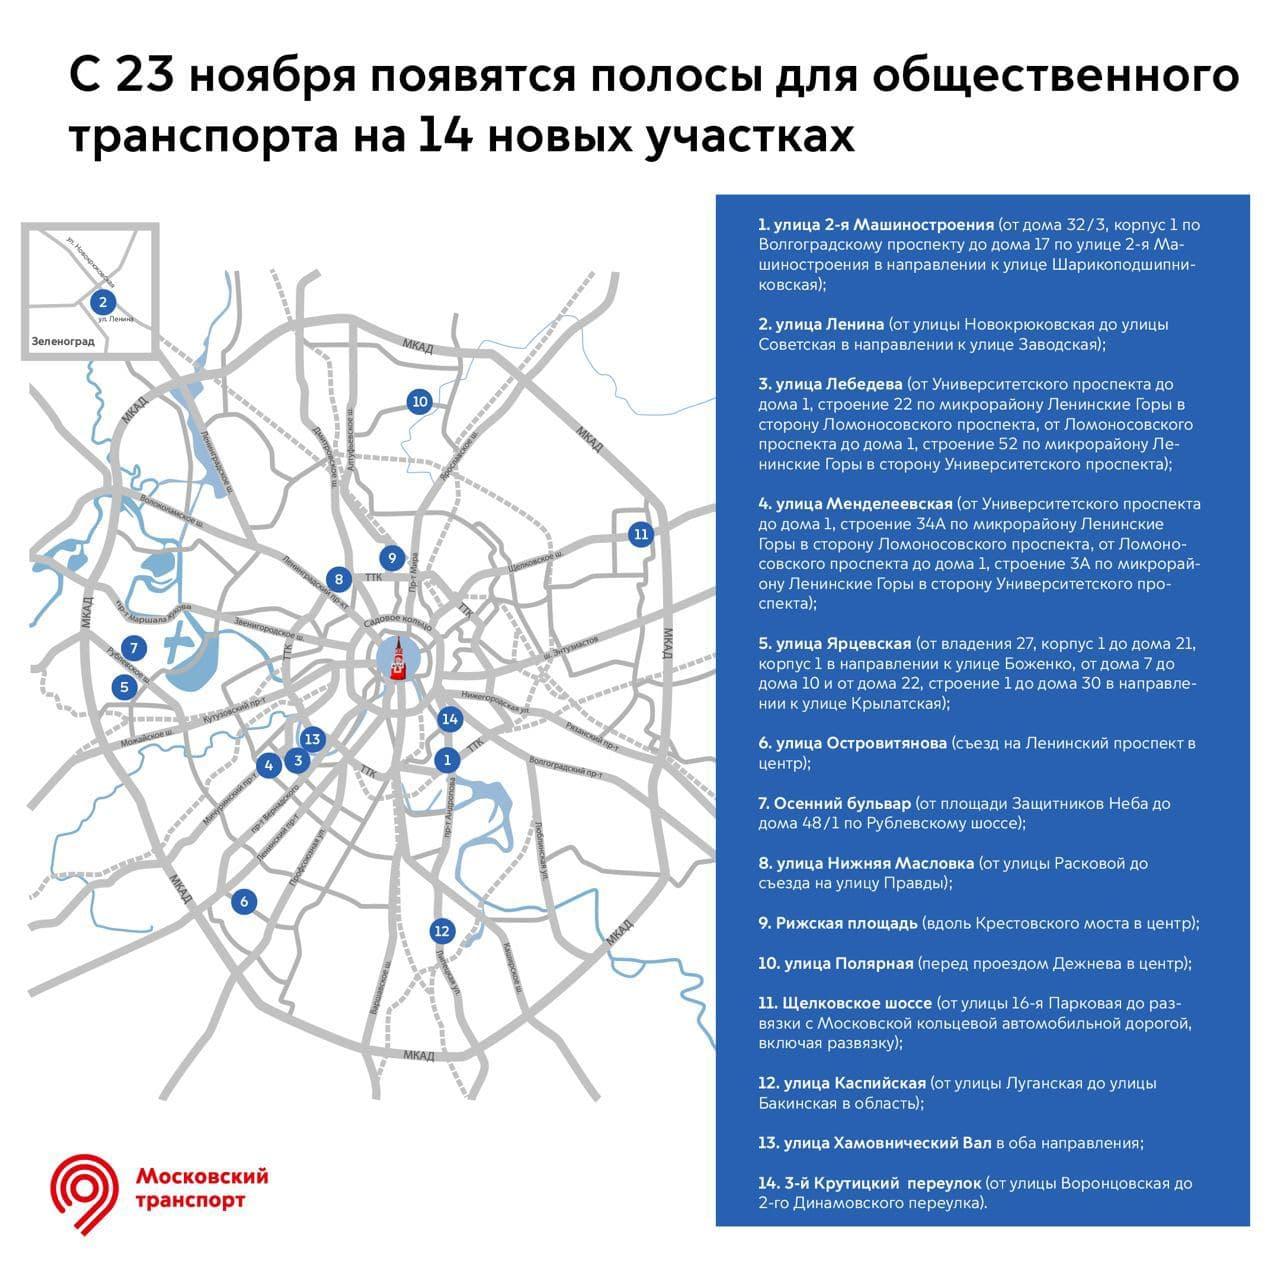 В Москве появятся новые полосы для движения общественного транспорта